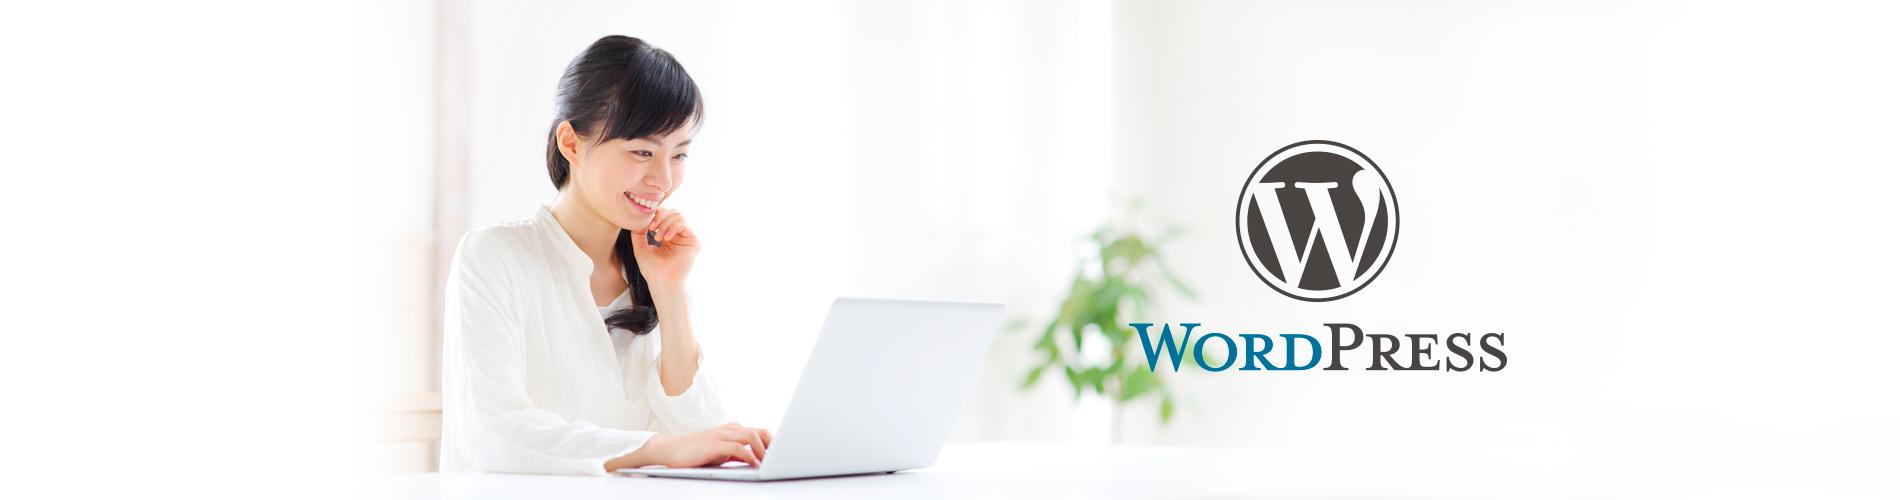 WordPress制作セミナー 千葉県 東金市 - Web工房ふぁうべる